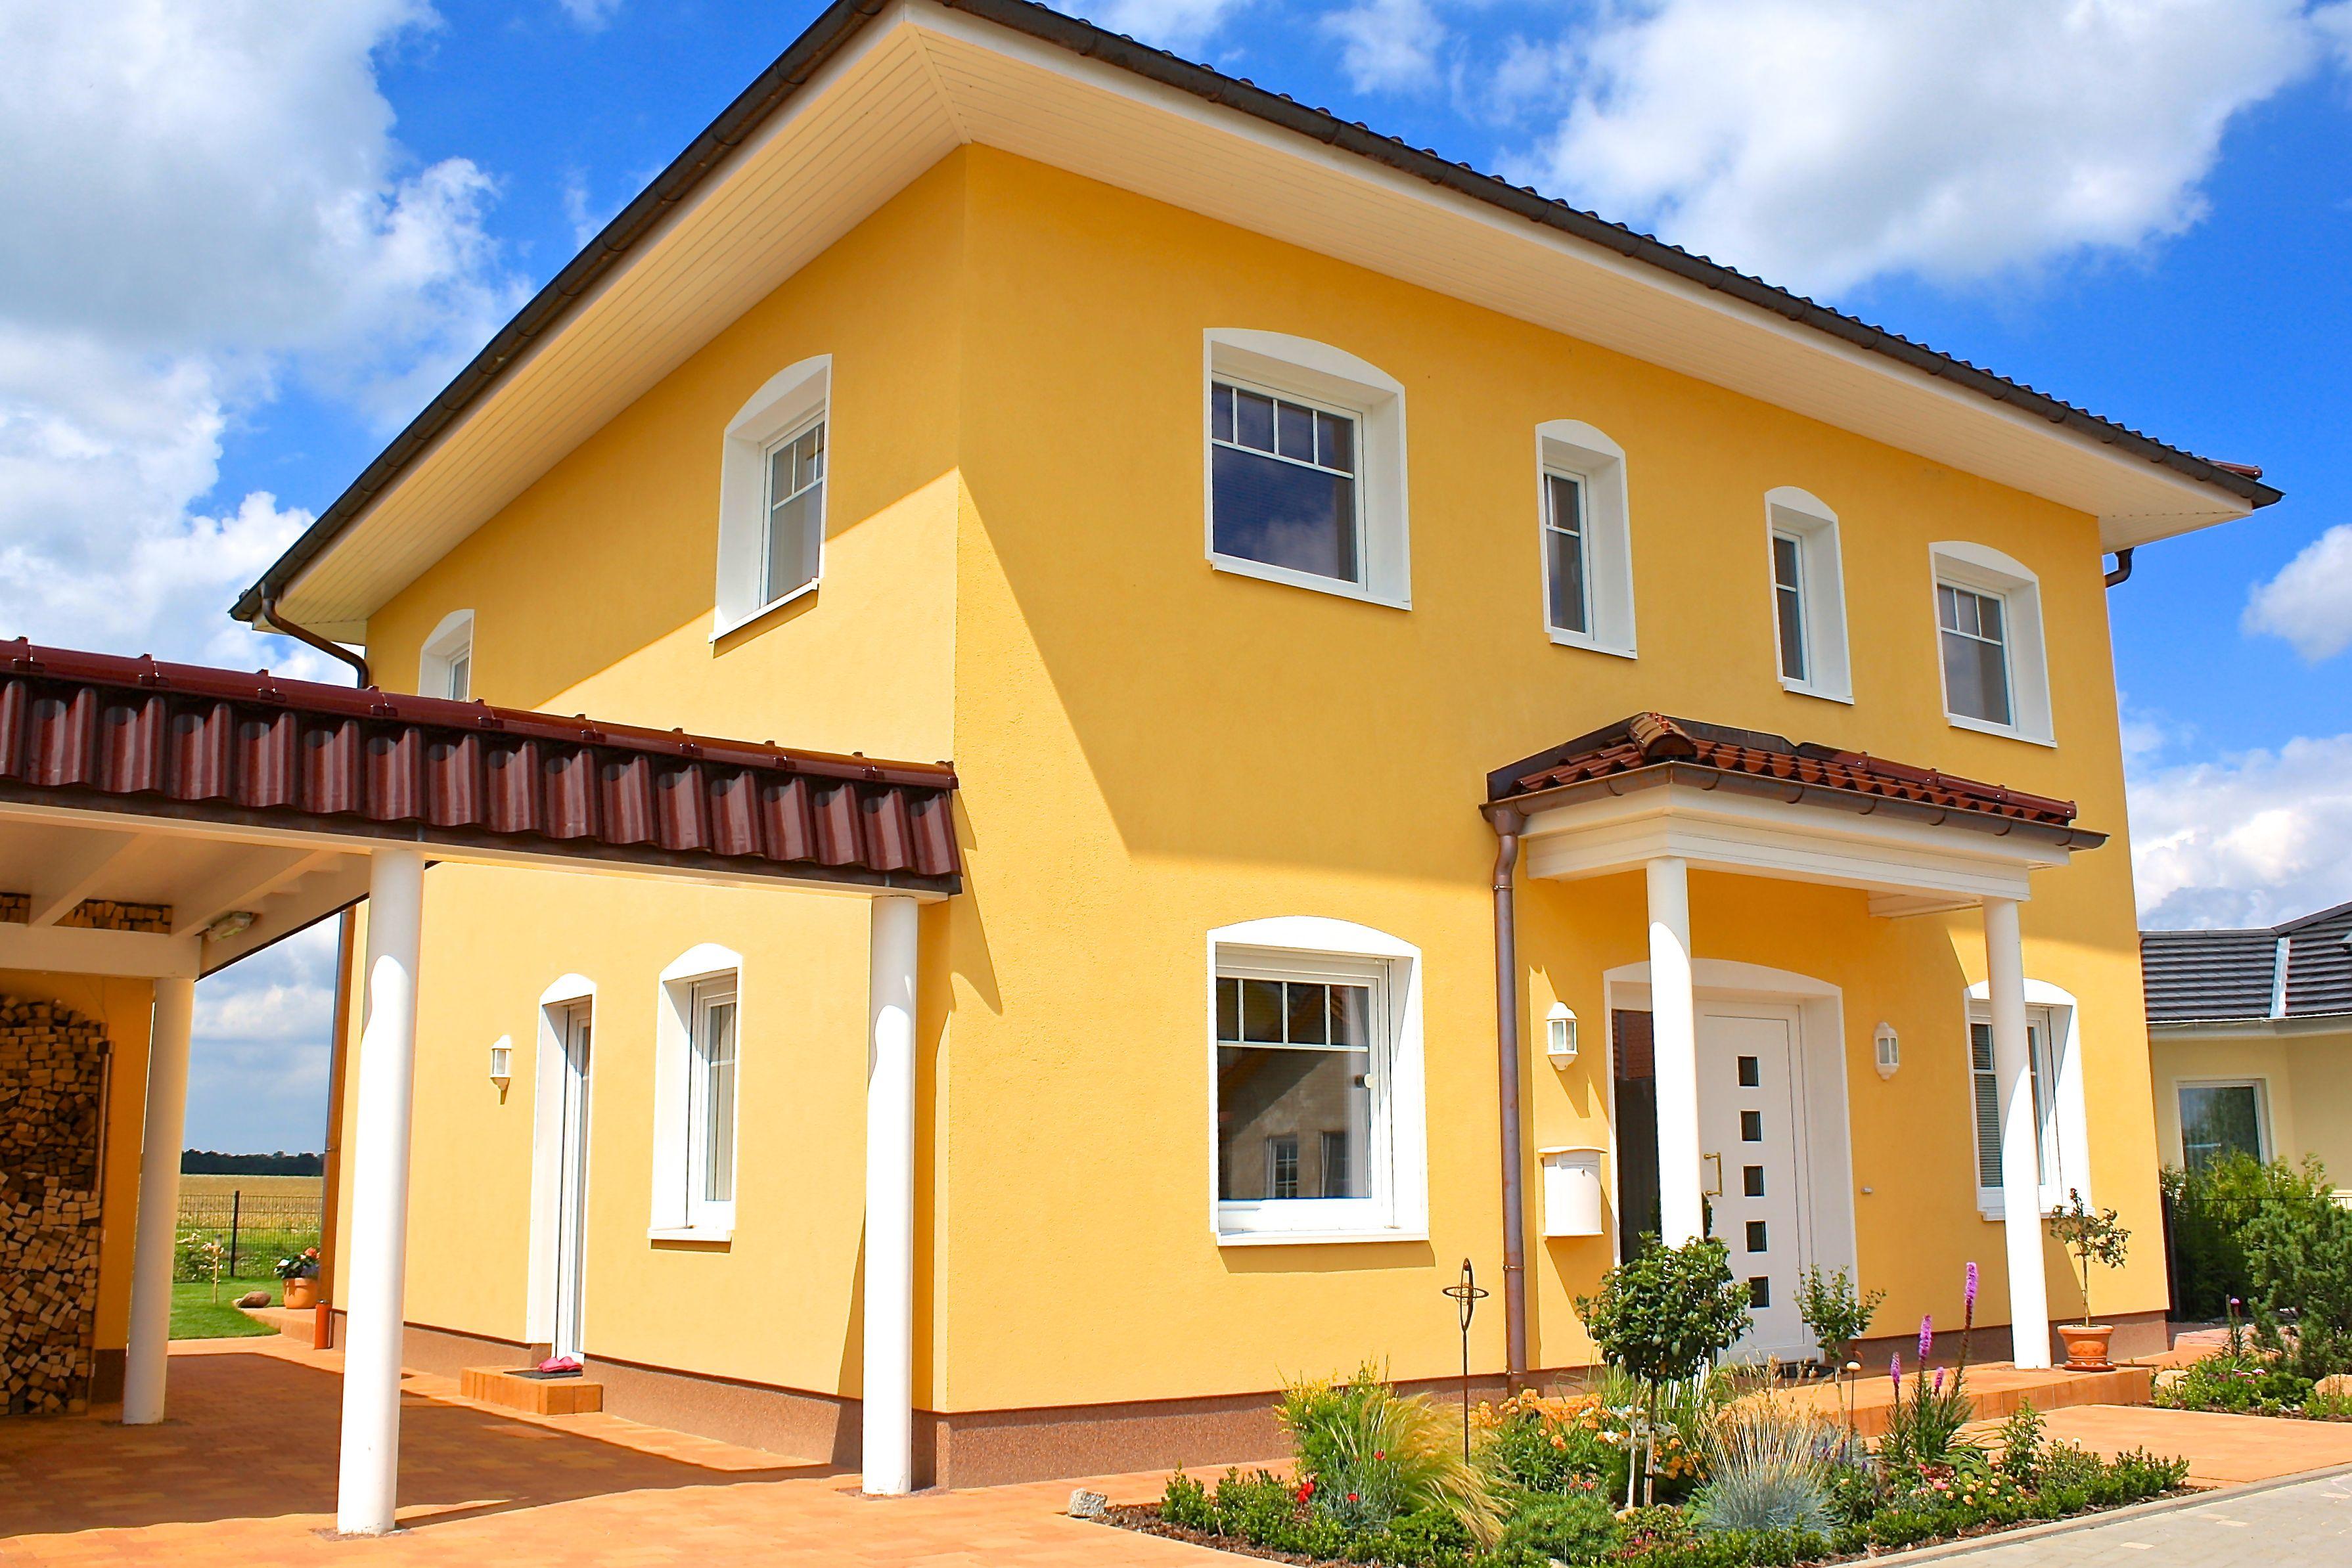 Stadtvilla mediterran  Marco Heise Bau GmbH - mediterrane Stadtvilla mit zwei Vollgeschossen